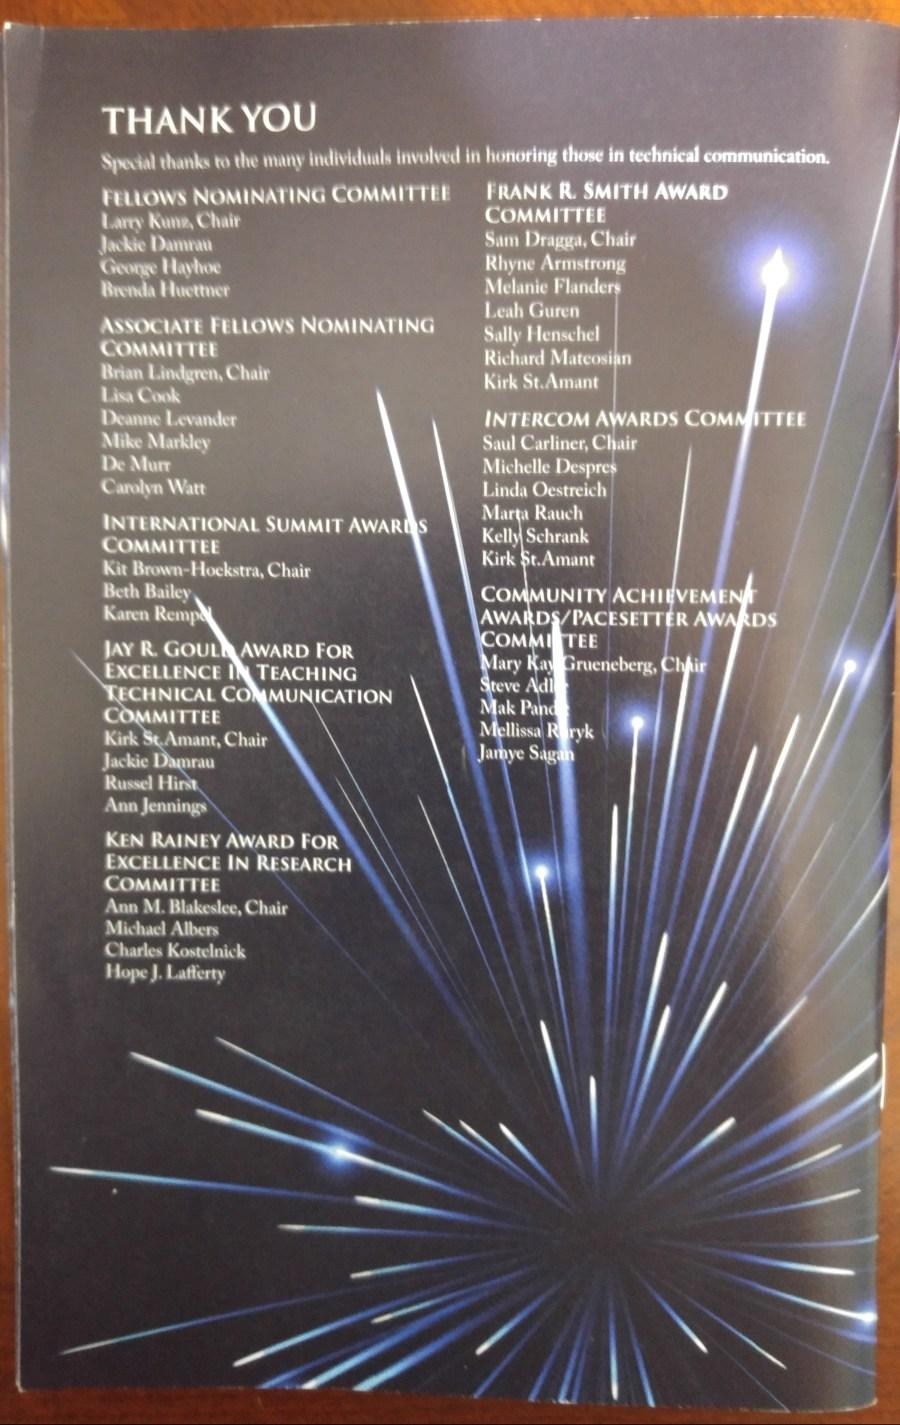 honors-banquet-book-e1494645419461.jpg